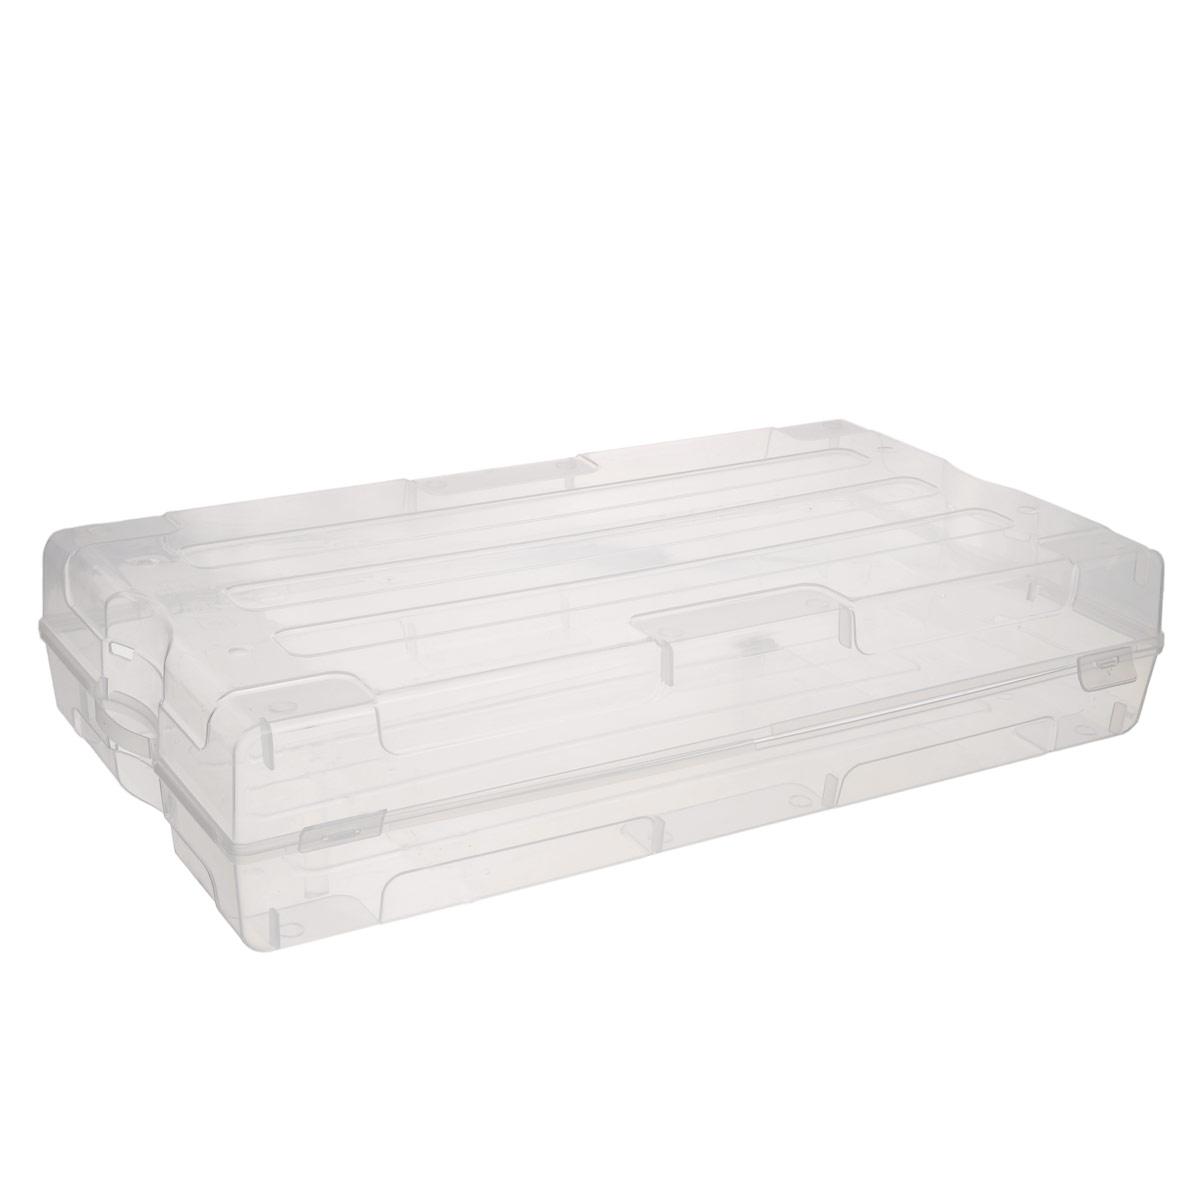 Коробка для хранения обуви Idea, 61 х 34 х 13 смМ 2870Коробка Idea изготовлена из прозрачного пластика. Изделие специально предназначено для хранения одной пары мужской обуви. Закрывается коробка на две защелки. Коробка имеет ручки для удобства ее транспортировки. Коробка для хранения Idea - идеальное решение для аккуратного хранения вашей обуви.